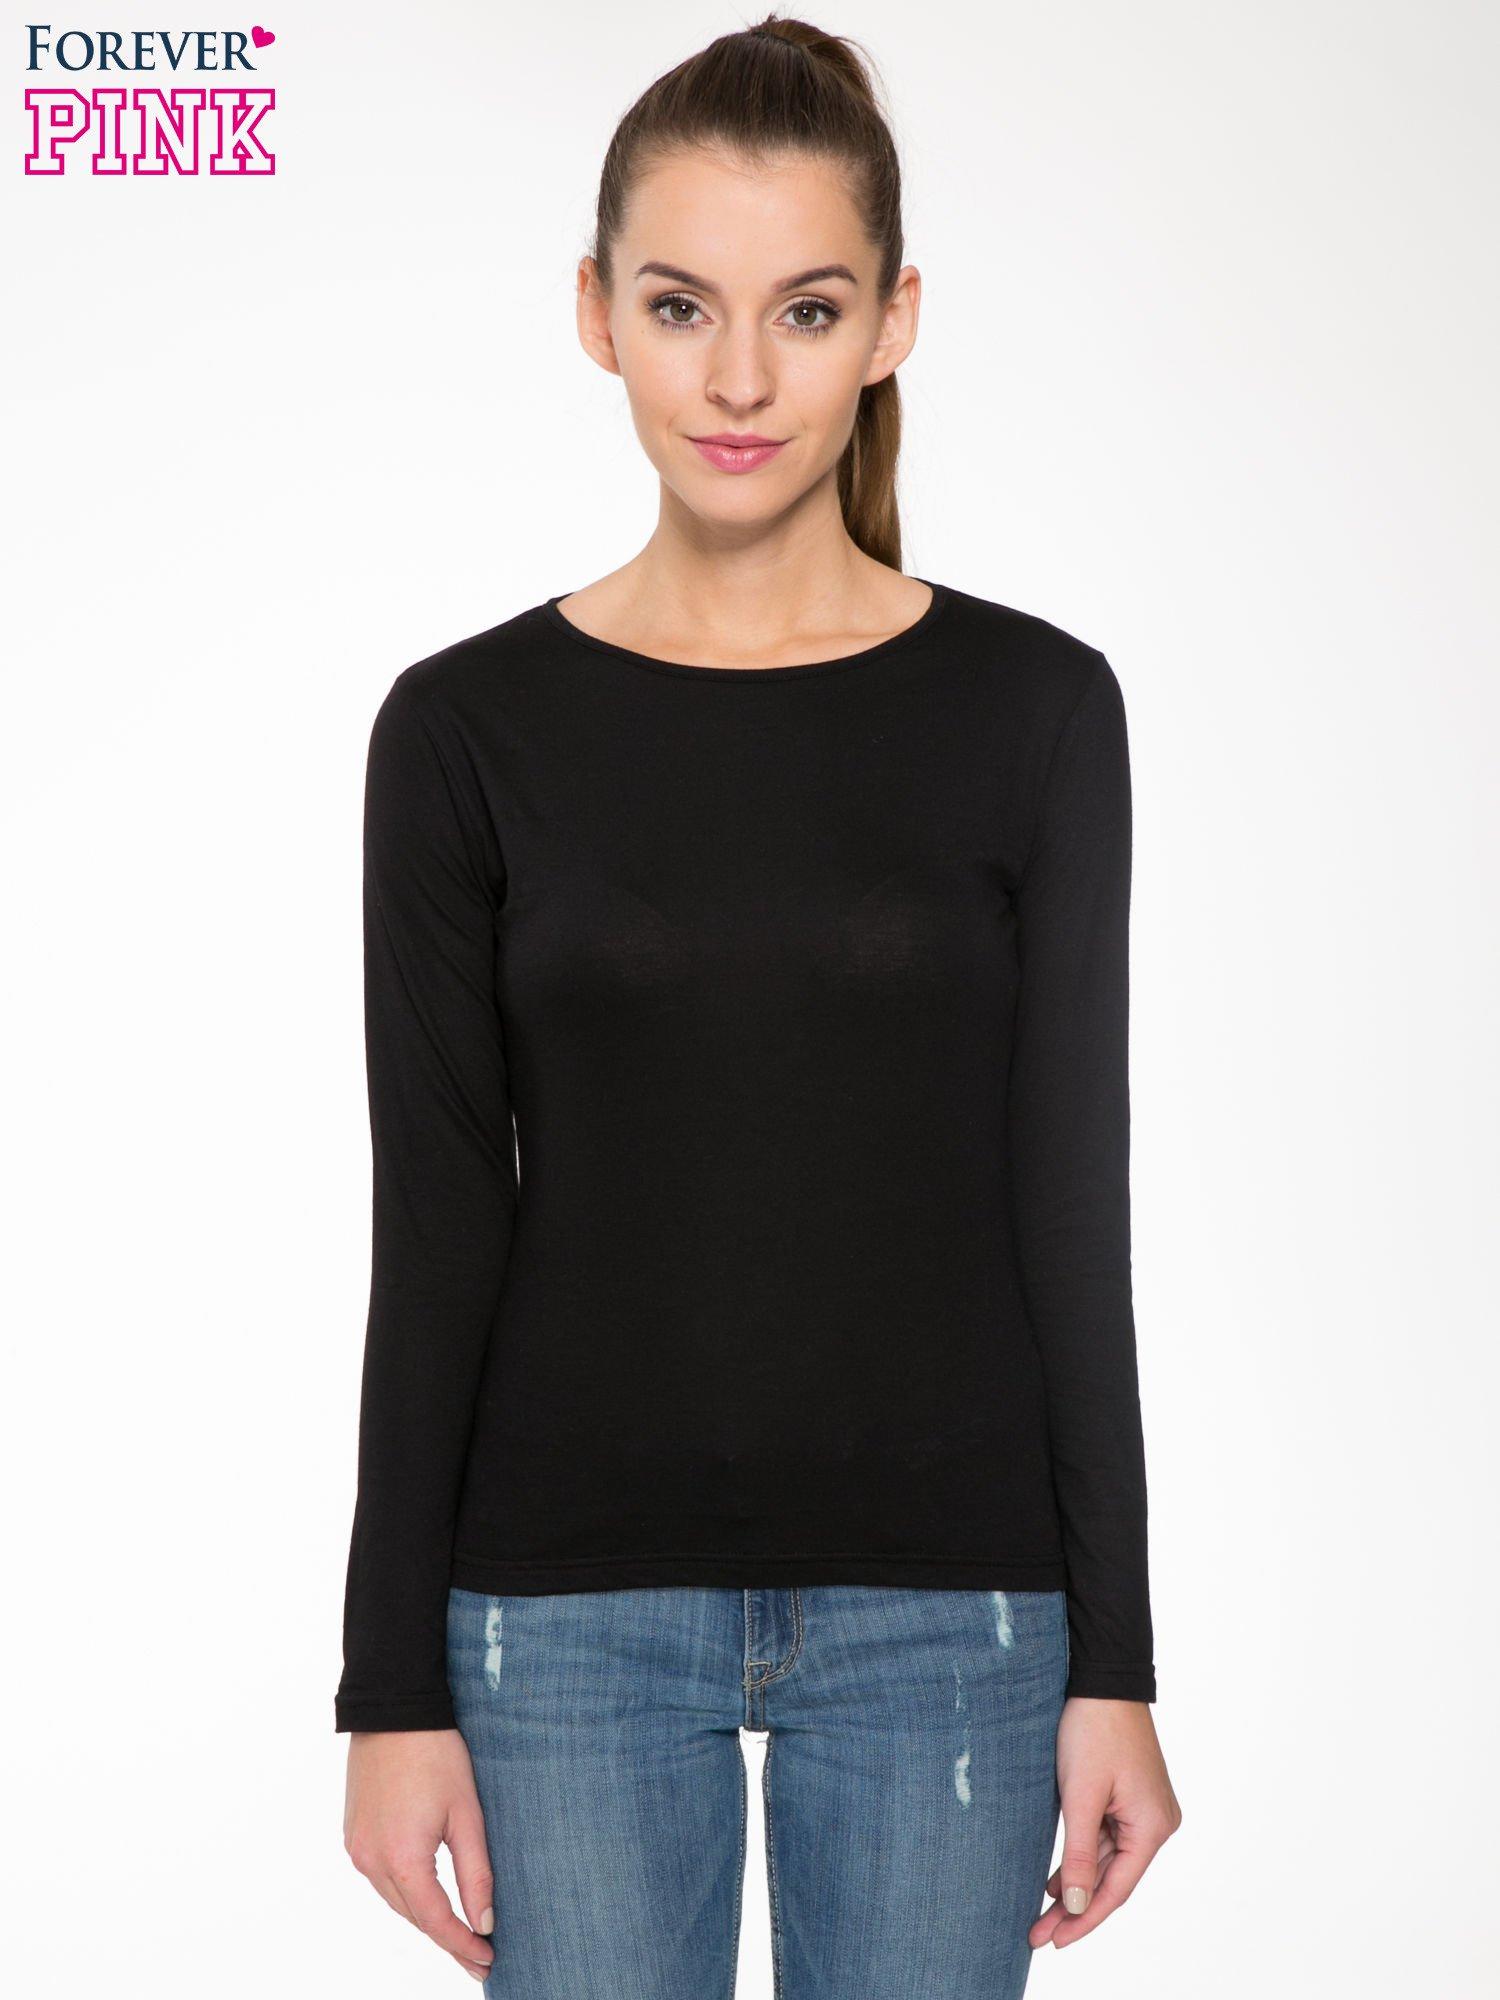 Czarna bawełniana bluzka typu basic z długim rękawem                                  zdj.                                  1